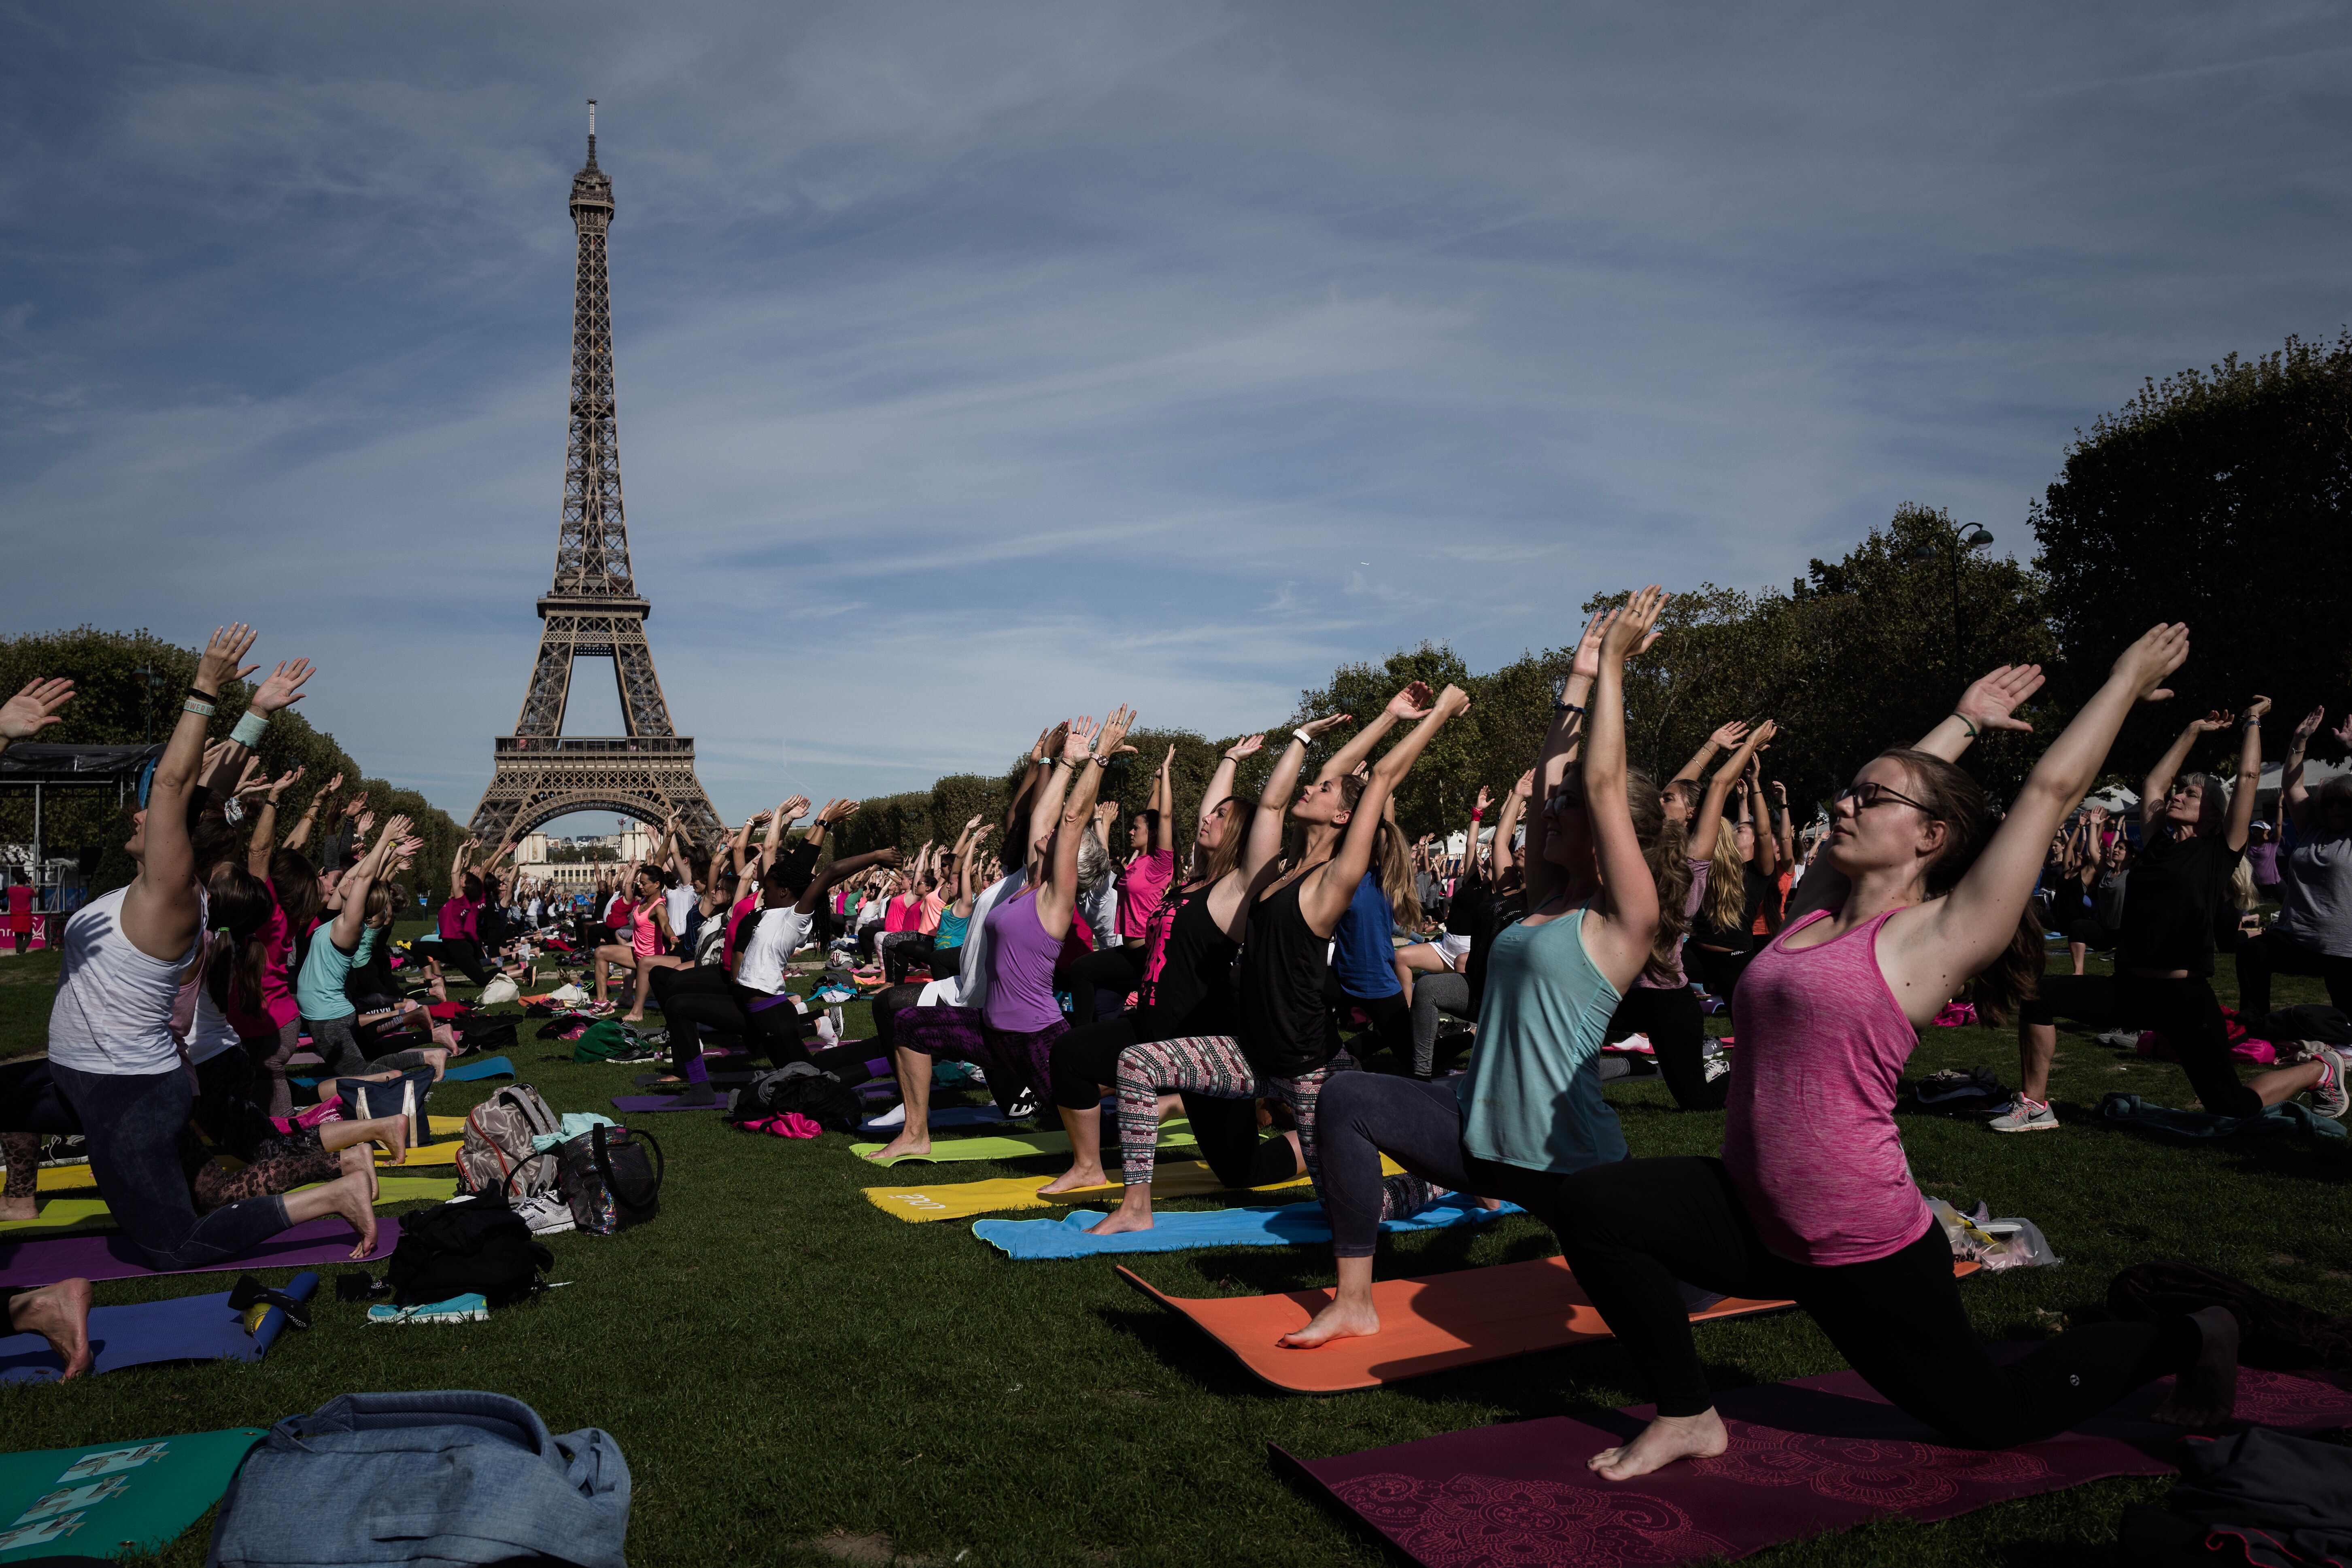 المئات يشاركون فى ممارسة اليوجا